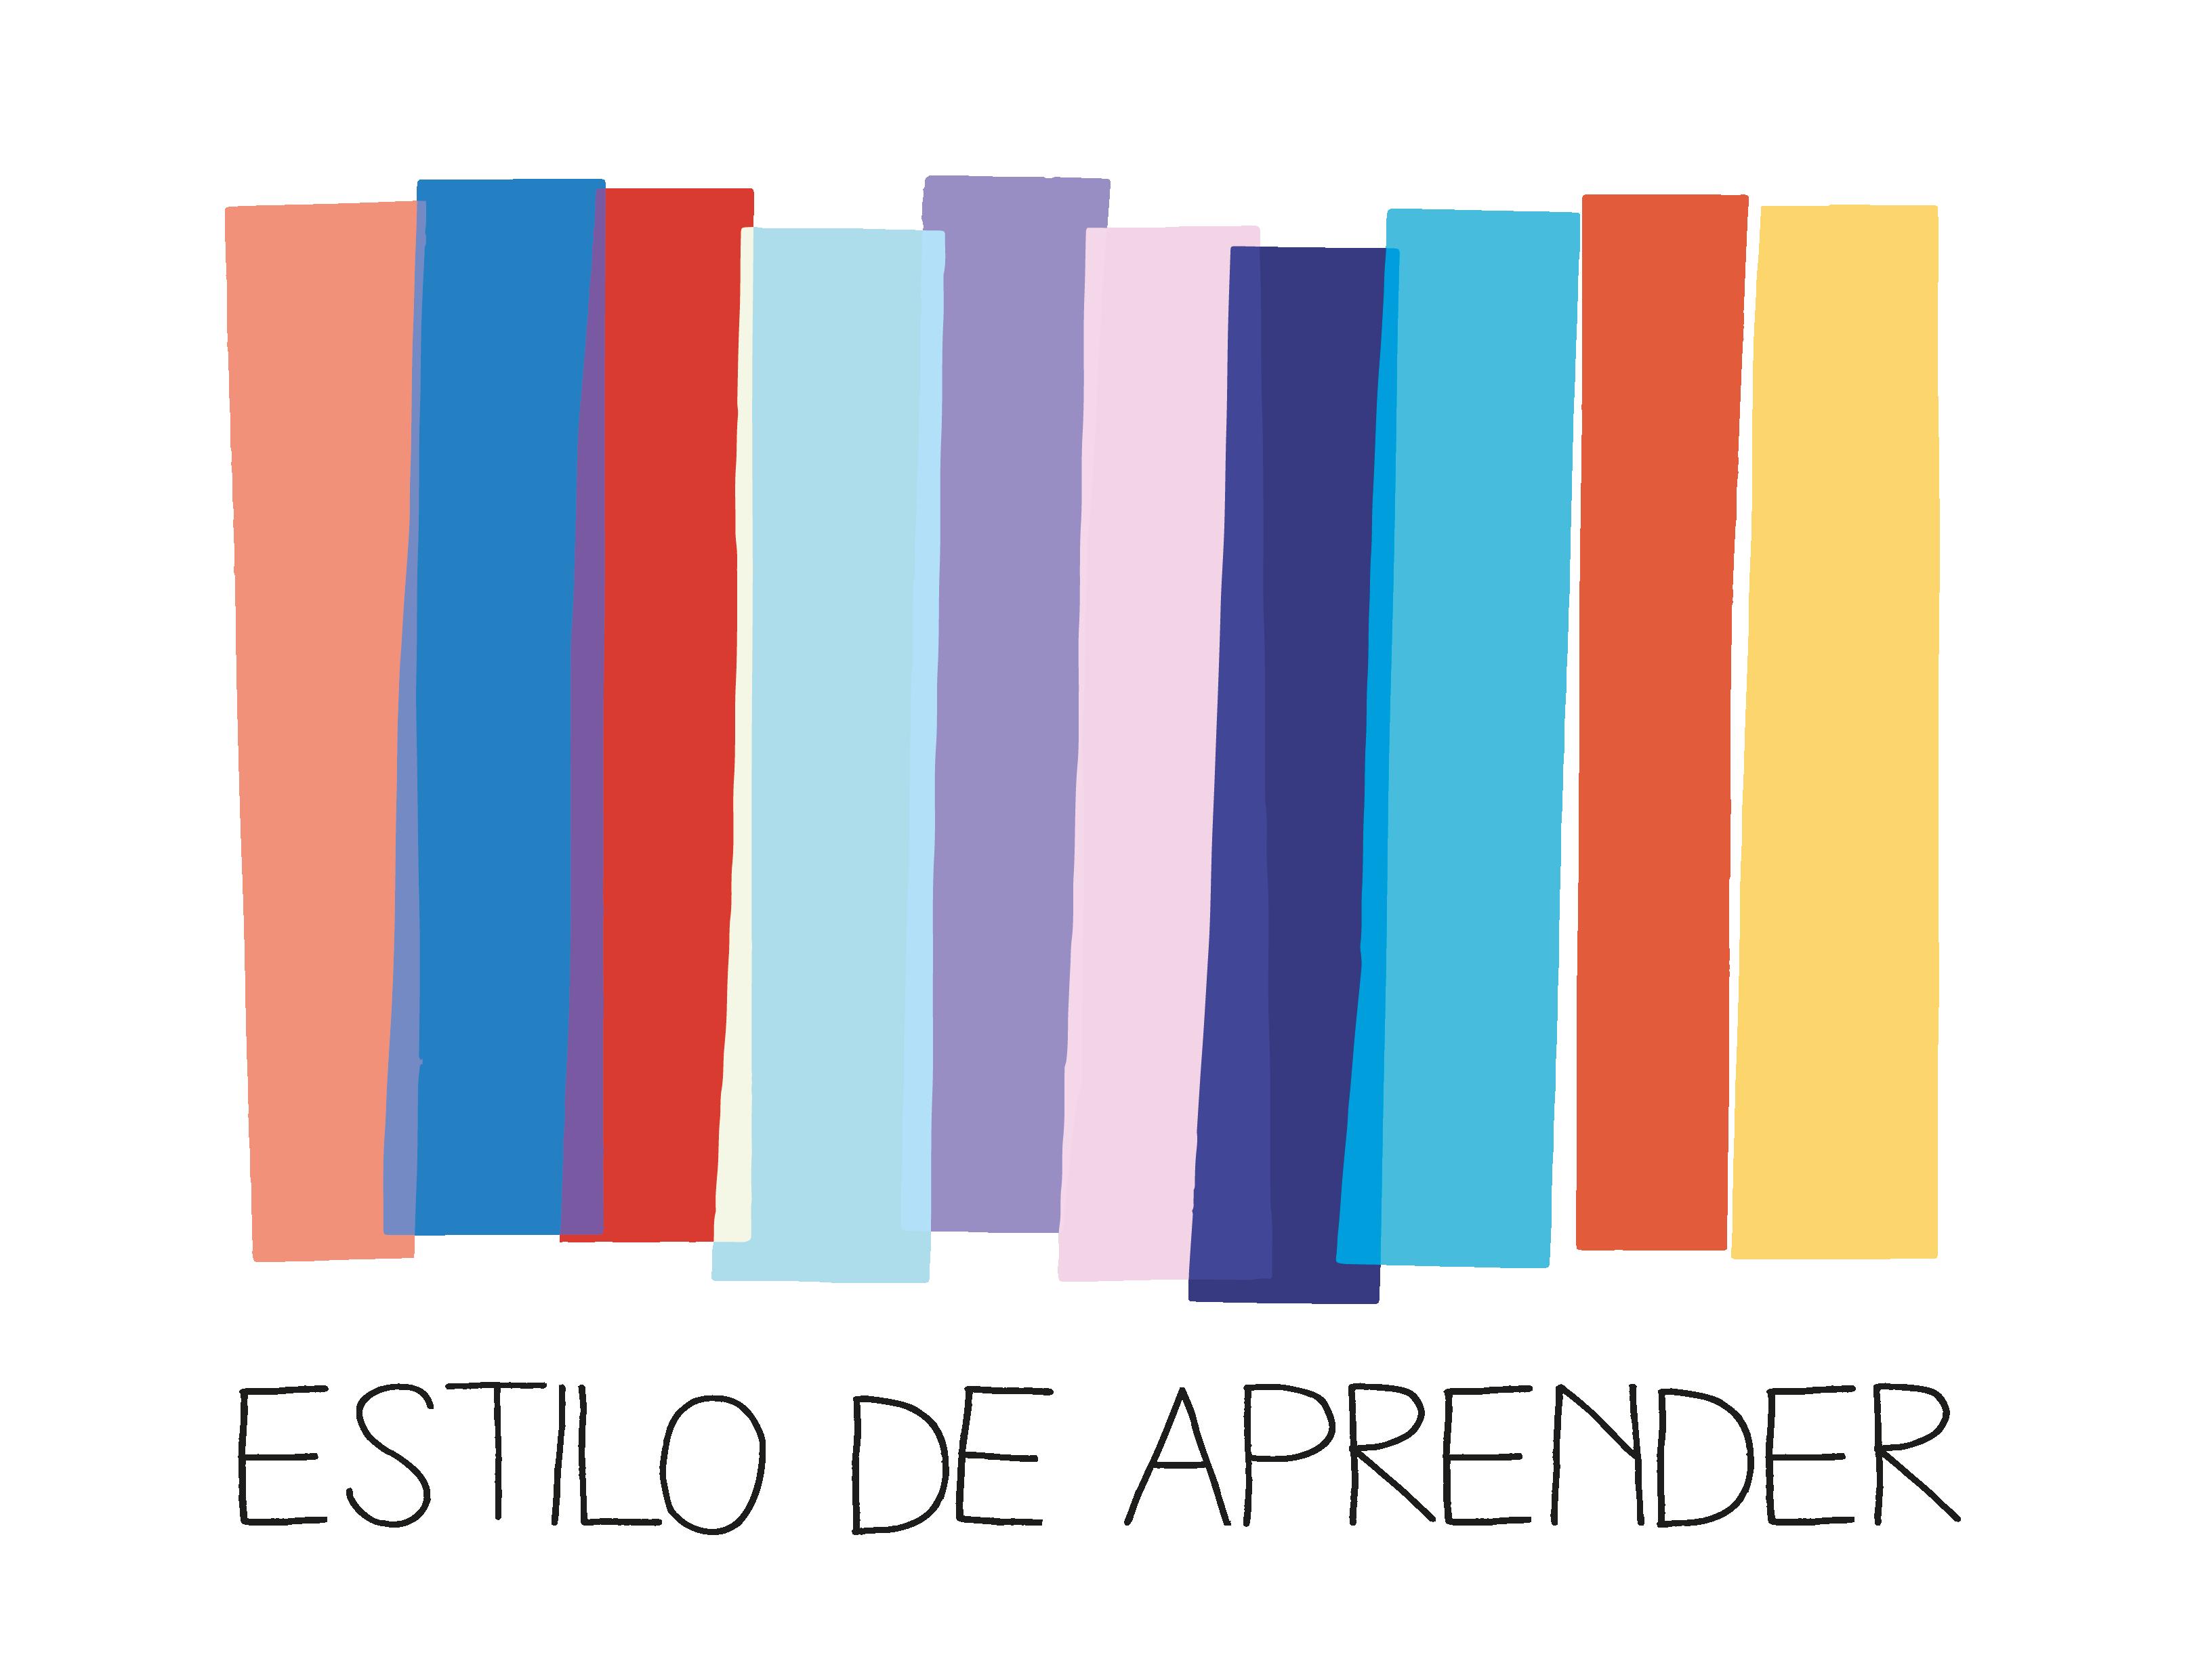 ESCOLA ESTILO DE APRENDER